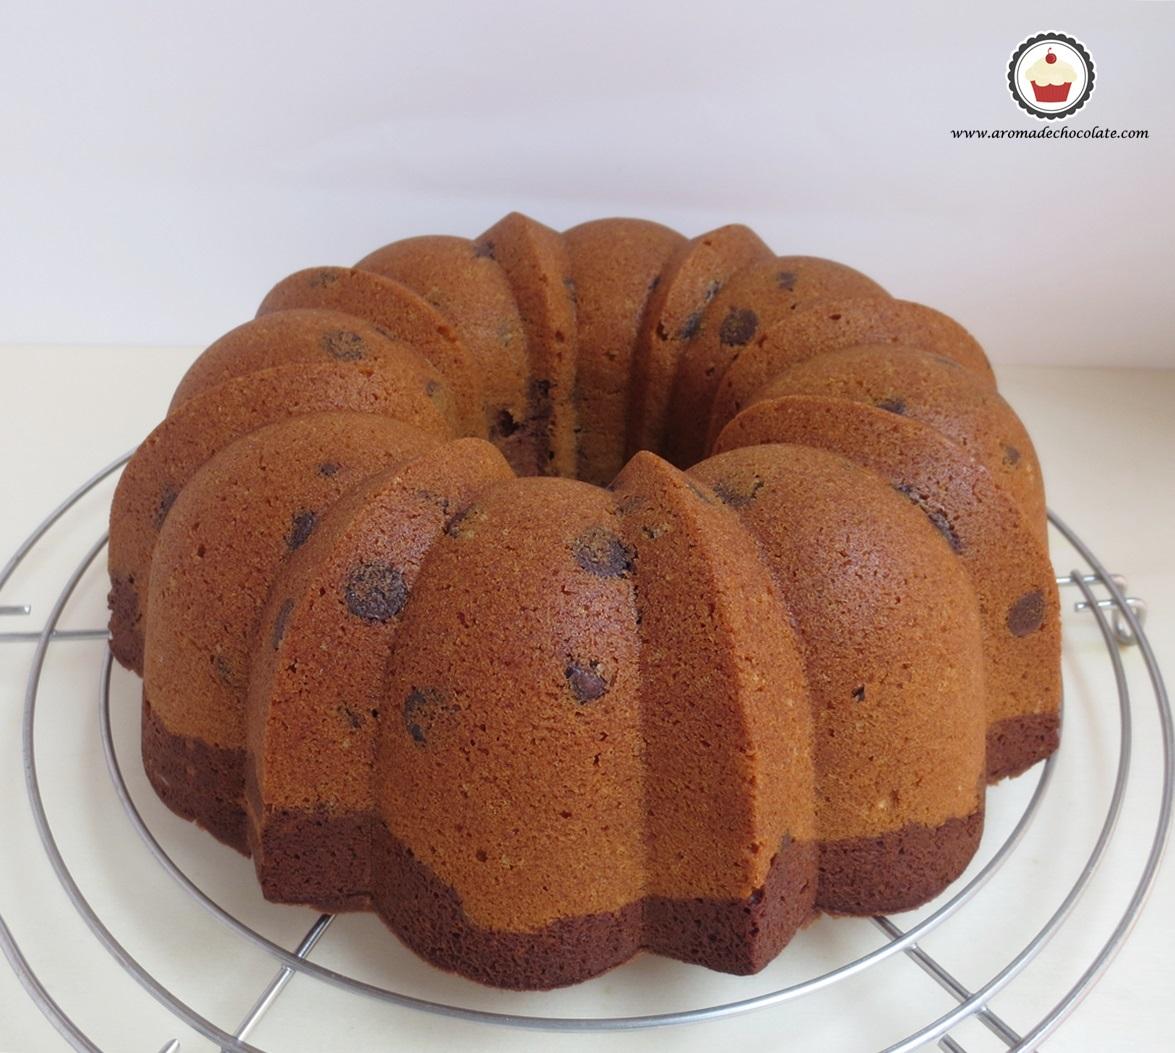 Bundt cake de chocolate y cacahuete enfriando. Aroma de chocolate